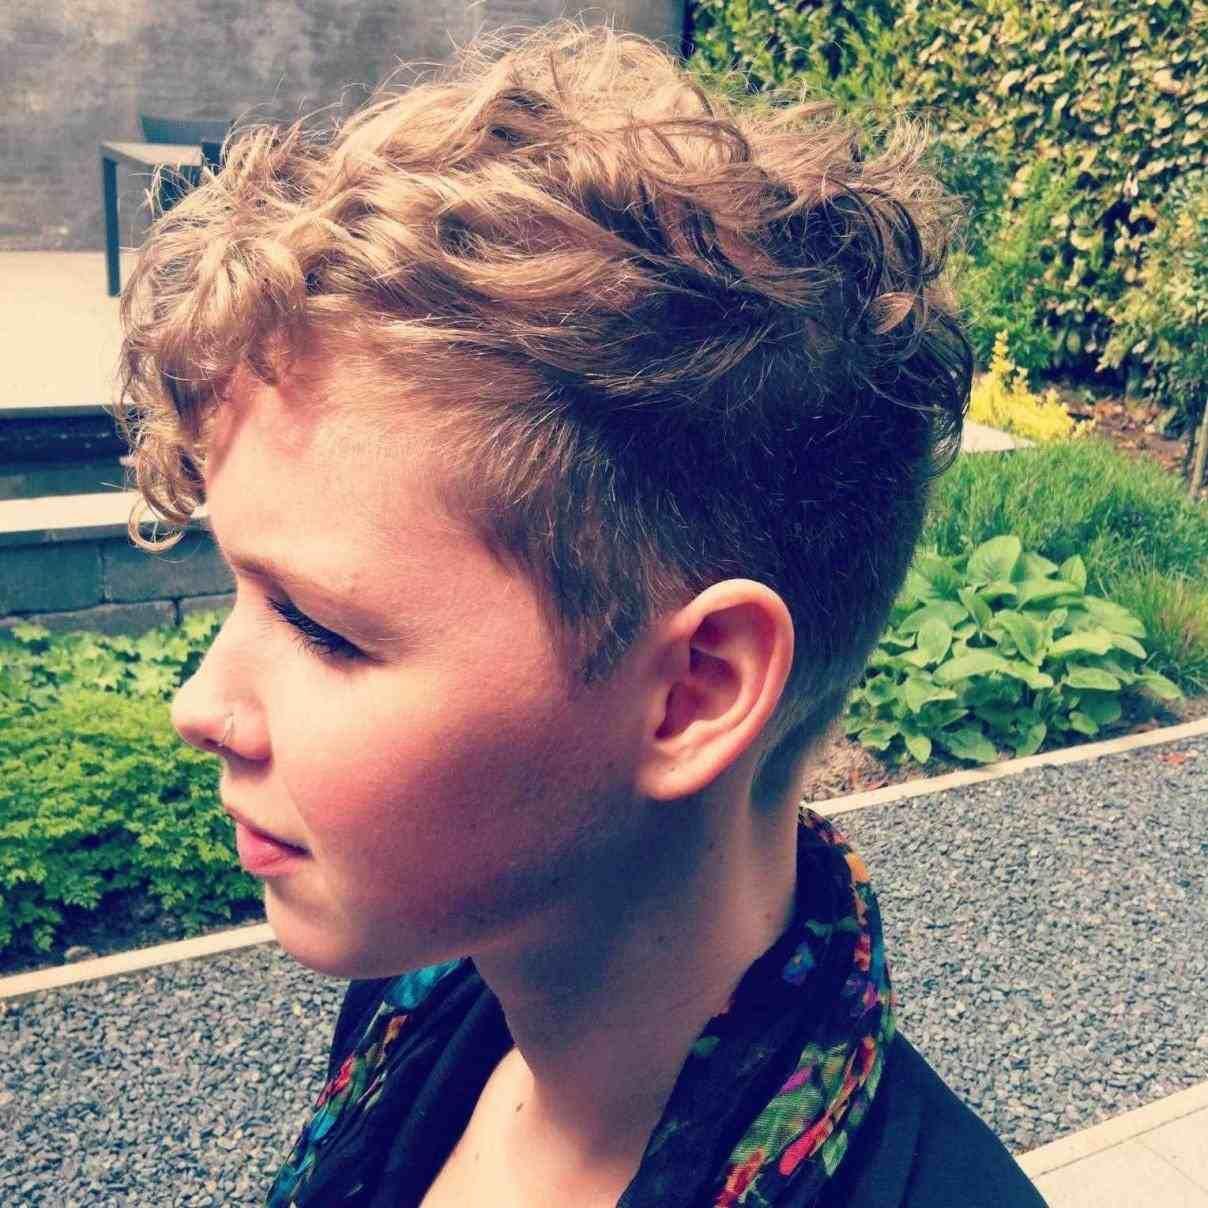 10+ Cute little boy haircuts curly hair ideas